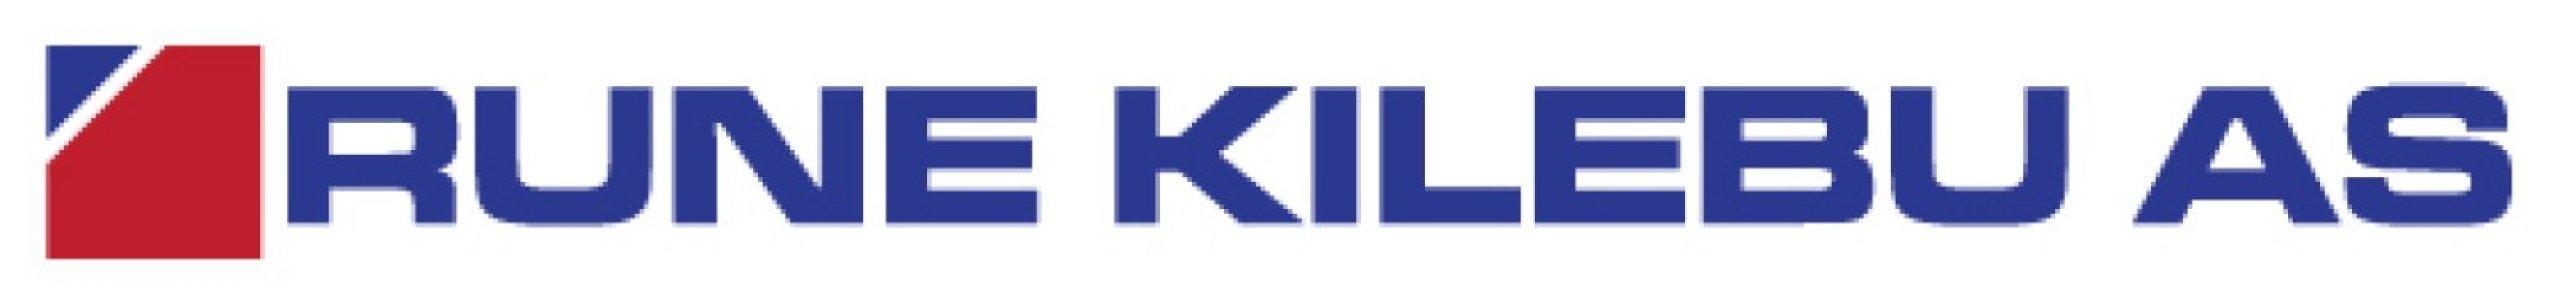 Rune Kilebu AS